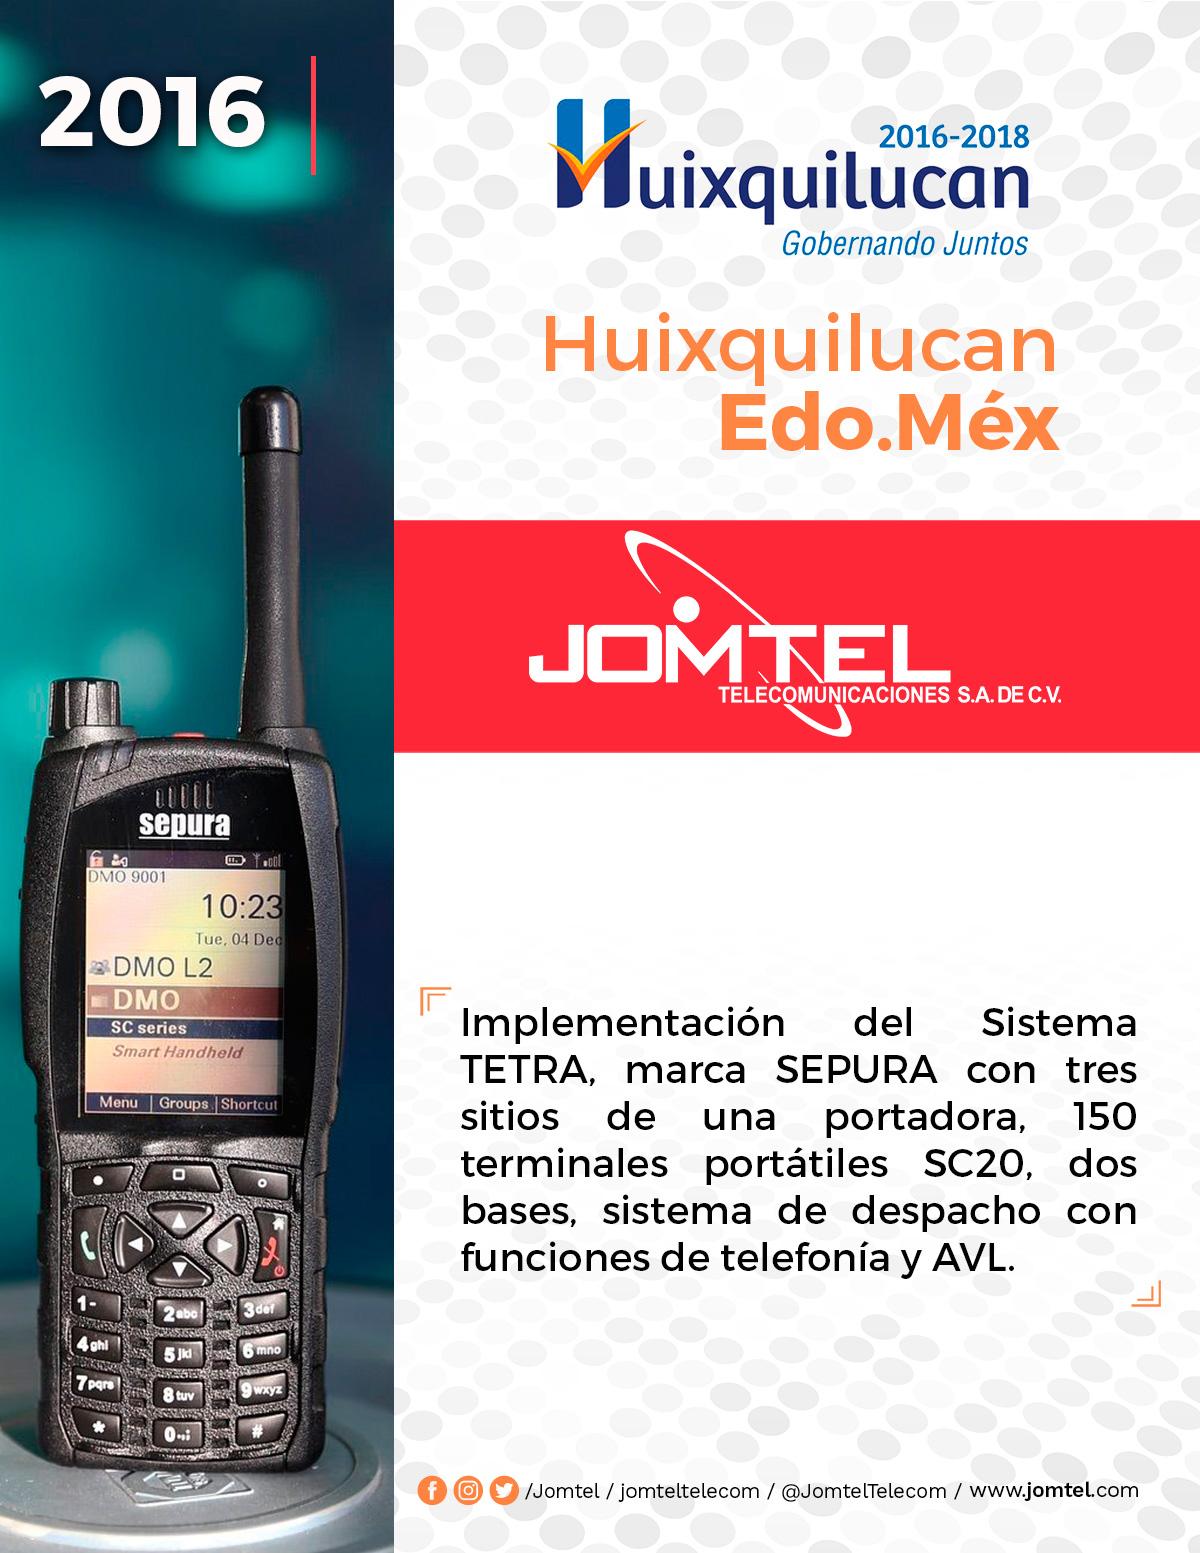 HUIQUILUCAN PROYECTO DE RADIOCOMUNICACIÓN JOMTEL